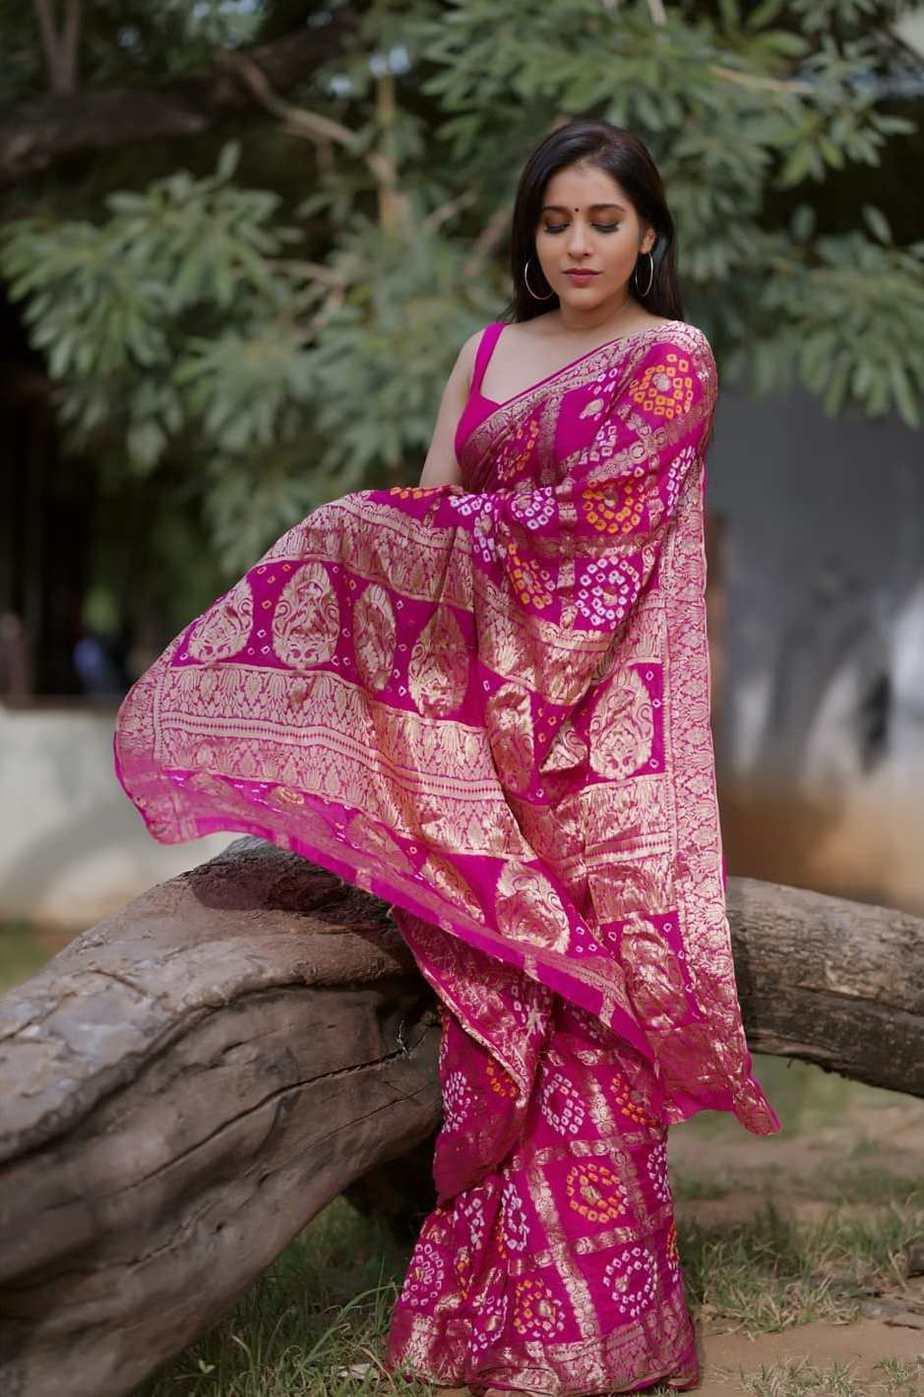 Rashmi gautam in a pink bandhej saree by anvitha-3